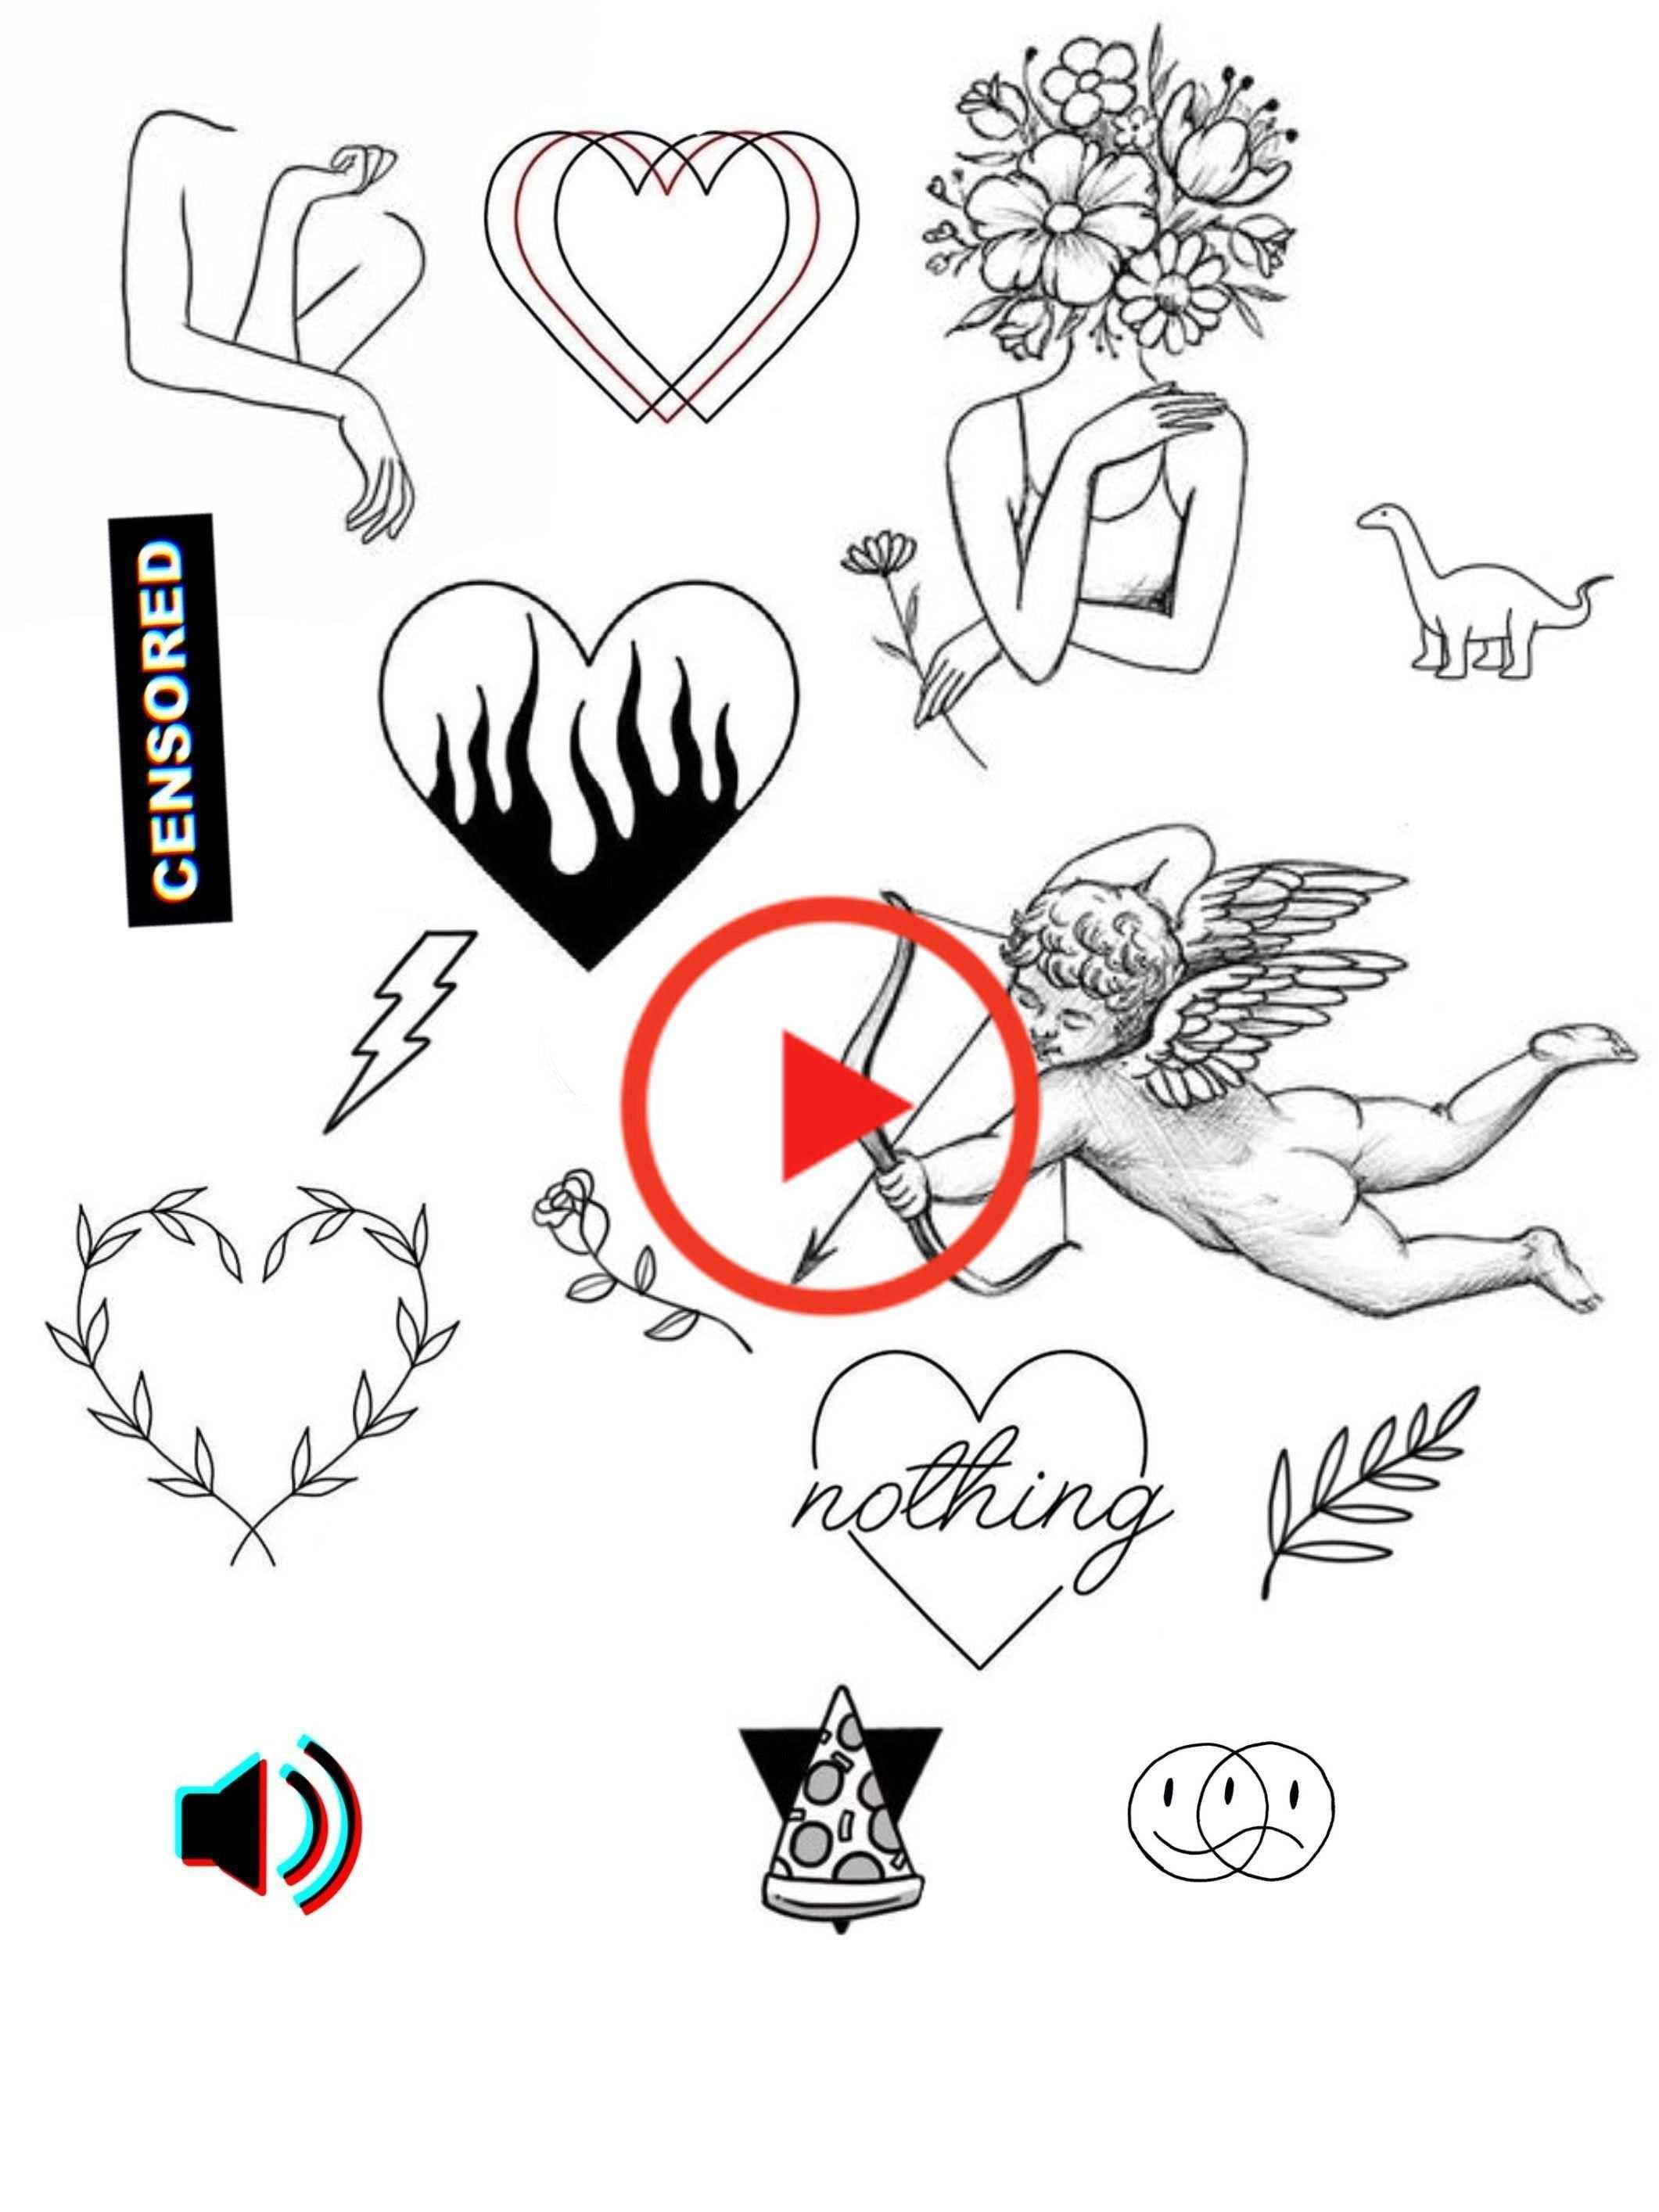 Pin By Kara Rae On Tattoos And Art Doodle Tattoo Cute Tattoos Tattoo Flash Art